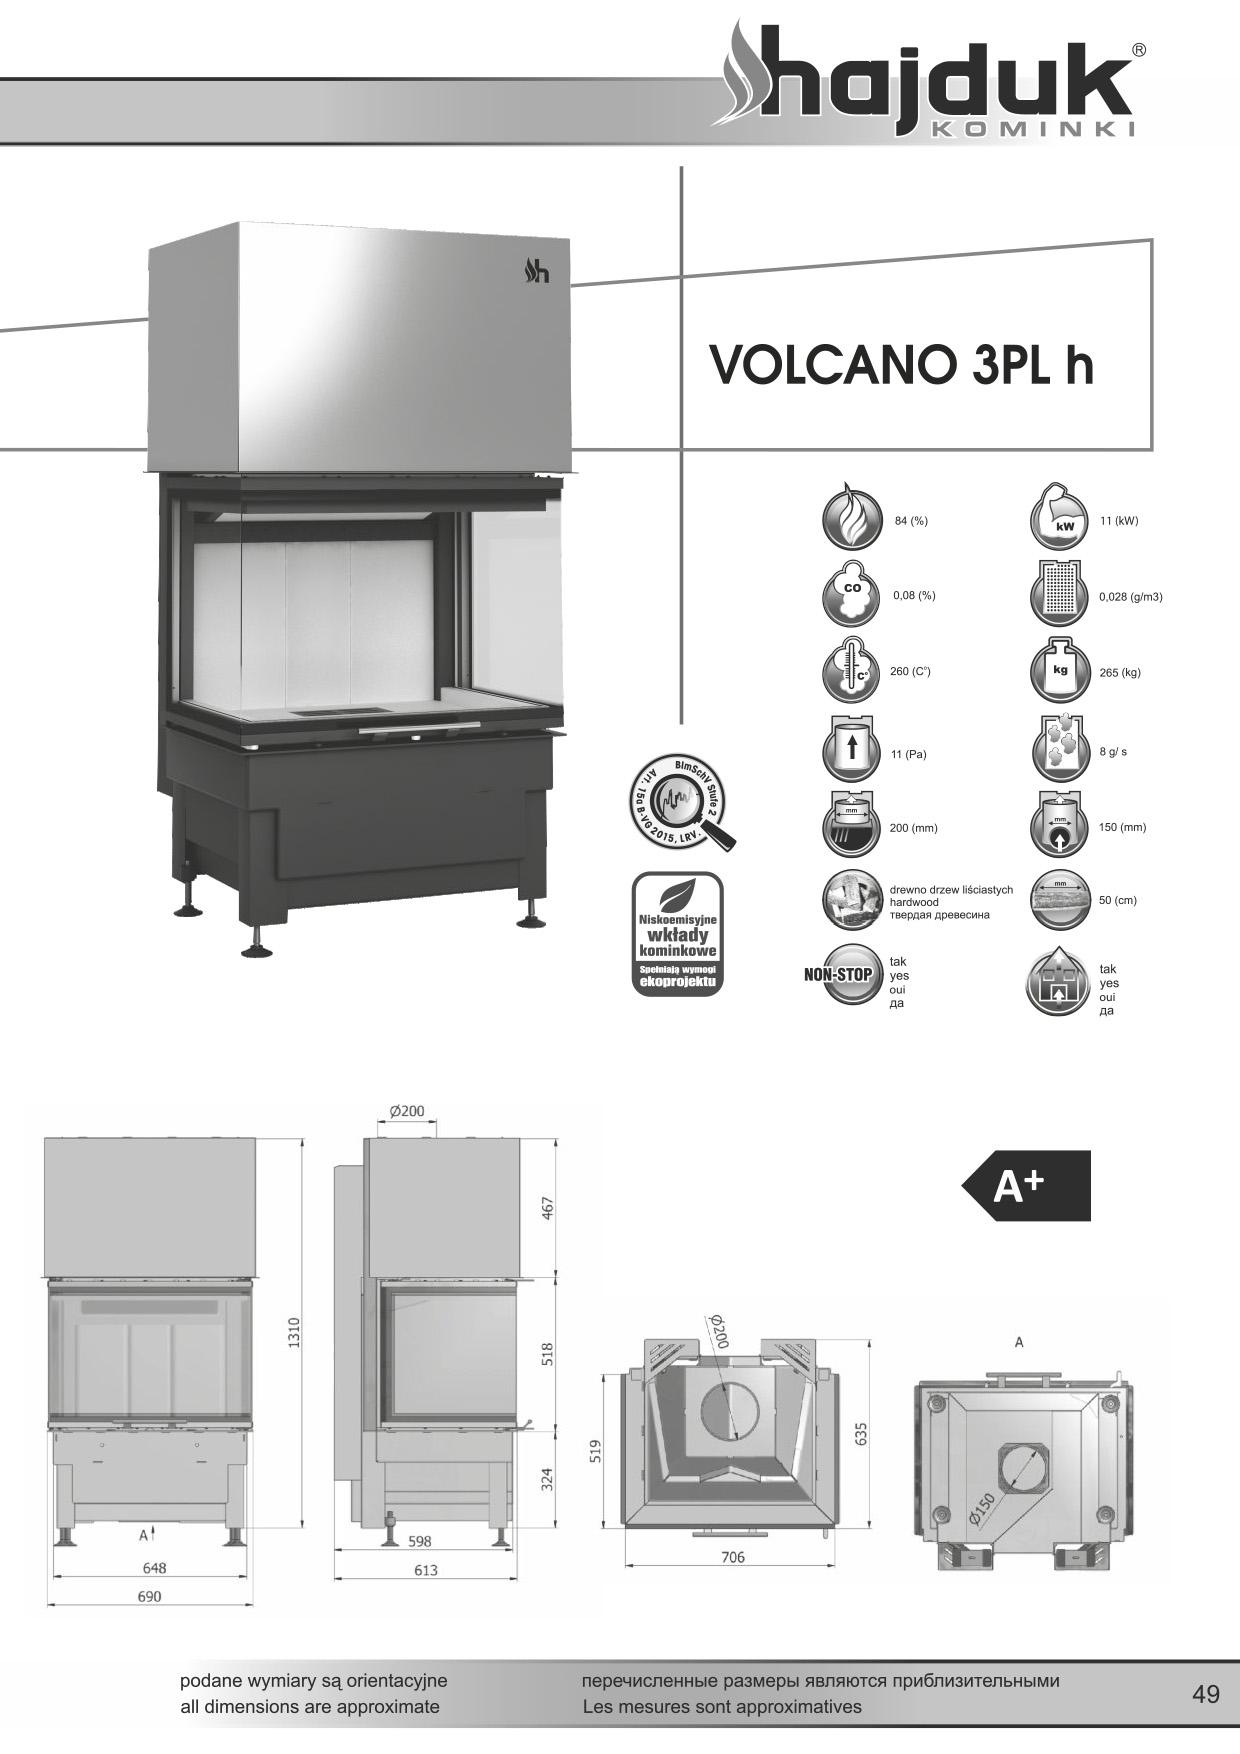 Volcano%203PLh%20 %20karta%20techniczna - Wkład kominkowy Hajduk Volcano 3PLh